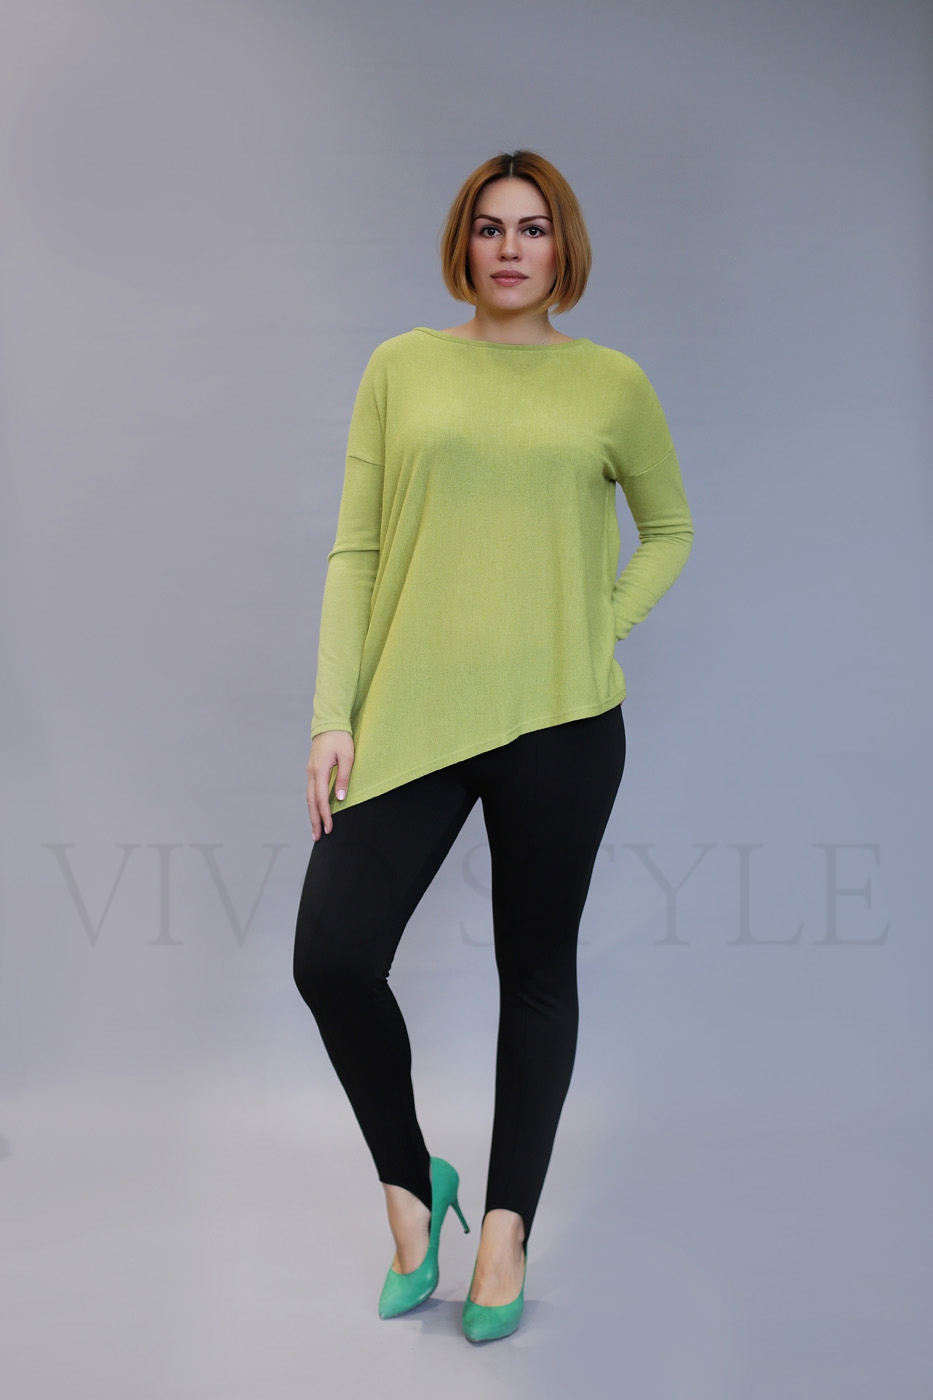 Плотно прилегающие женские брюки